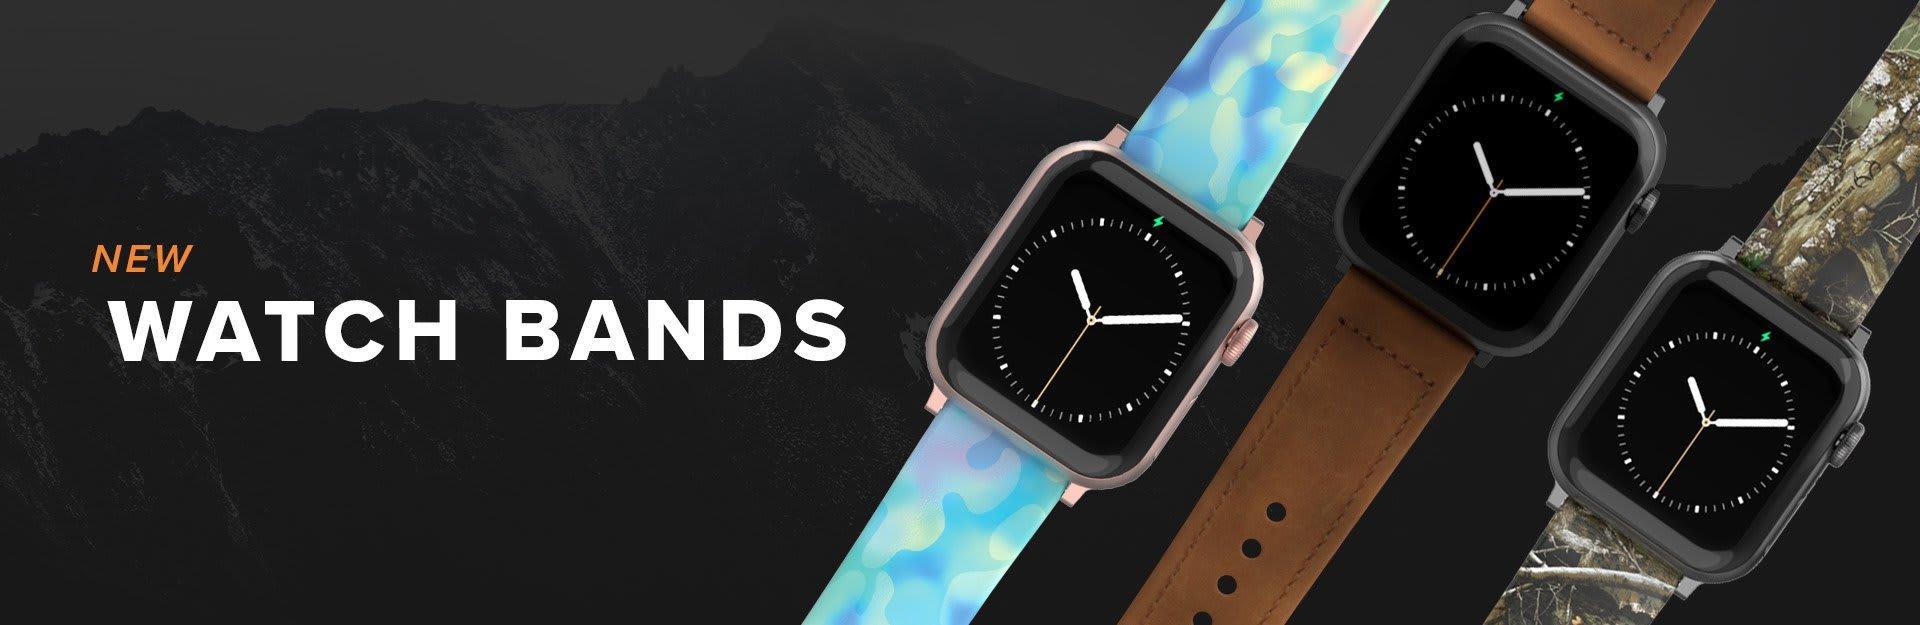 New Watch Bands, featuring Opal, Vulcan Trek and Camo watch bands